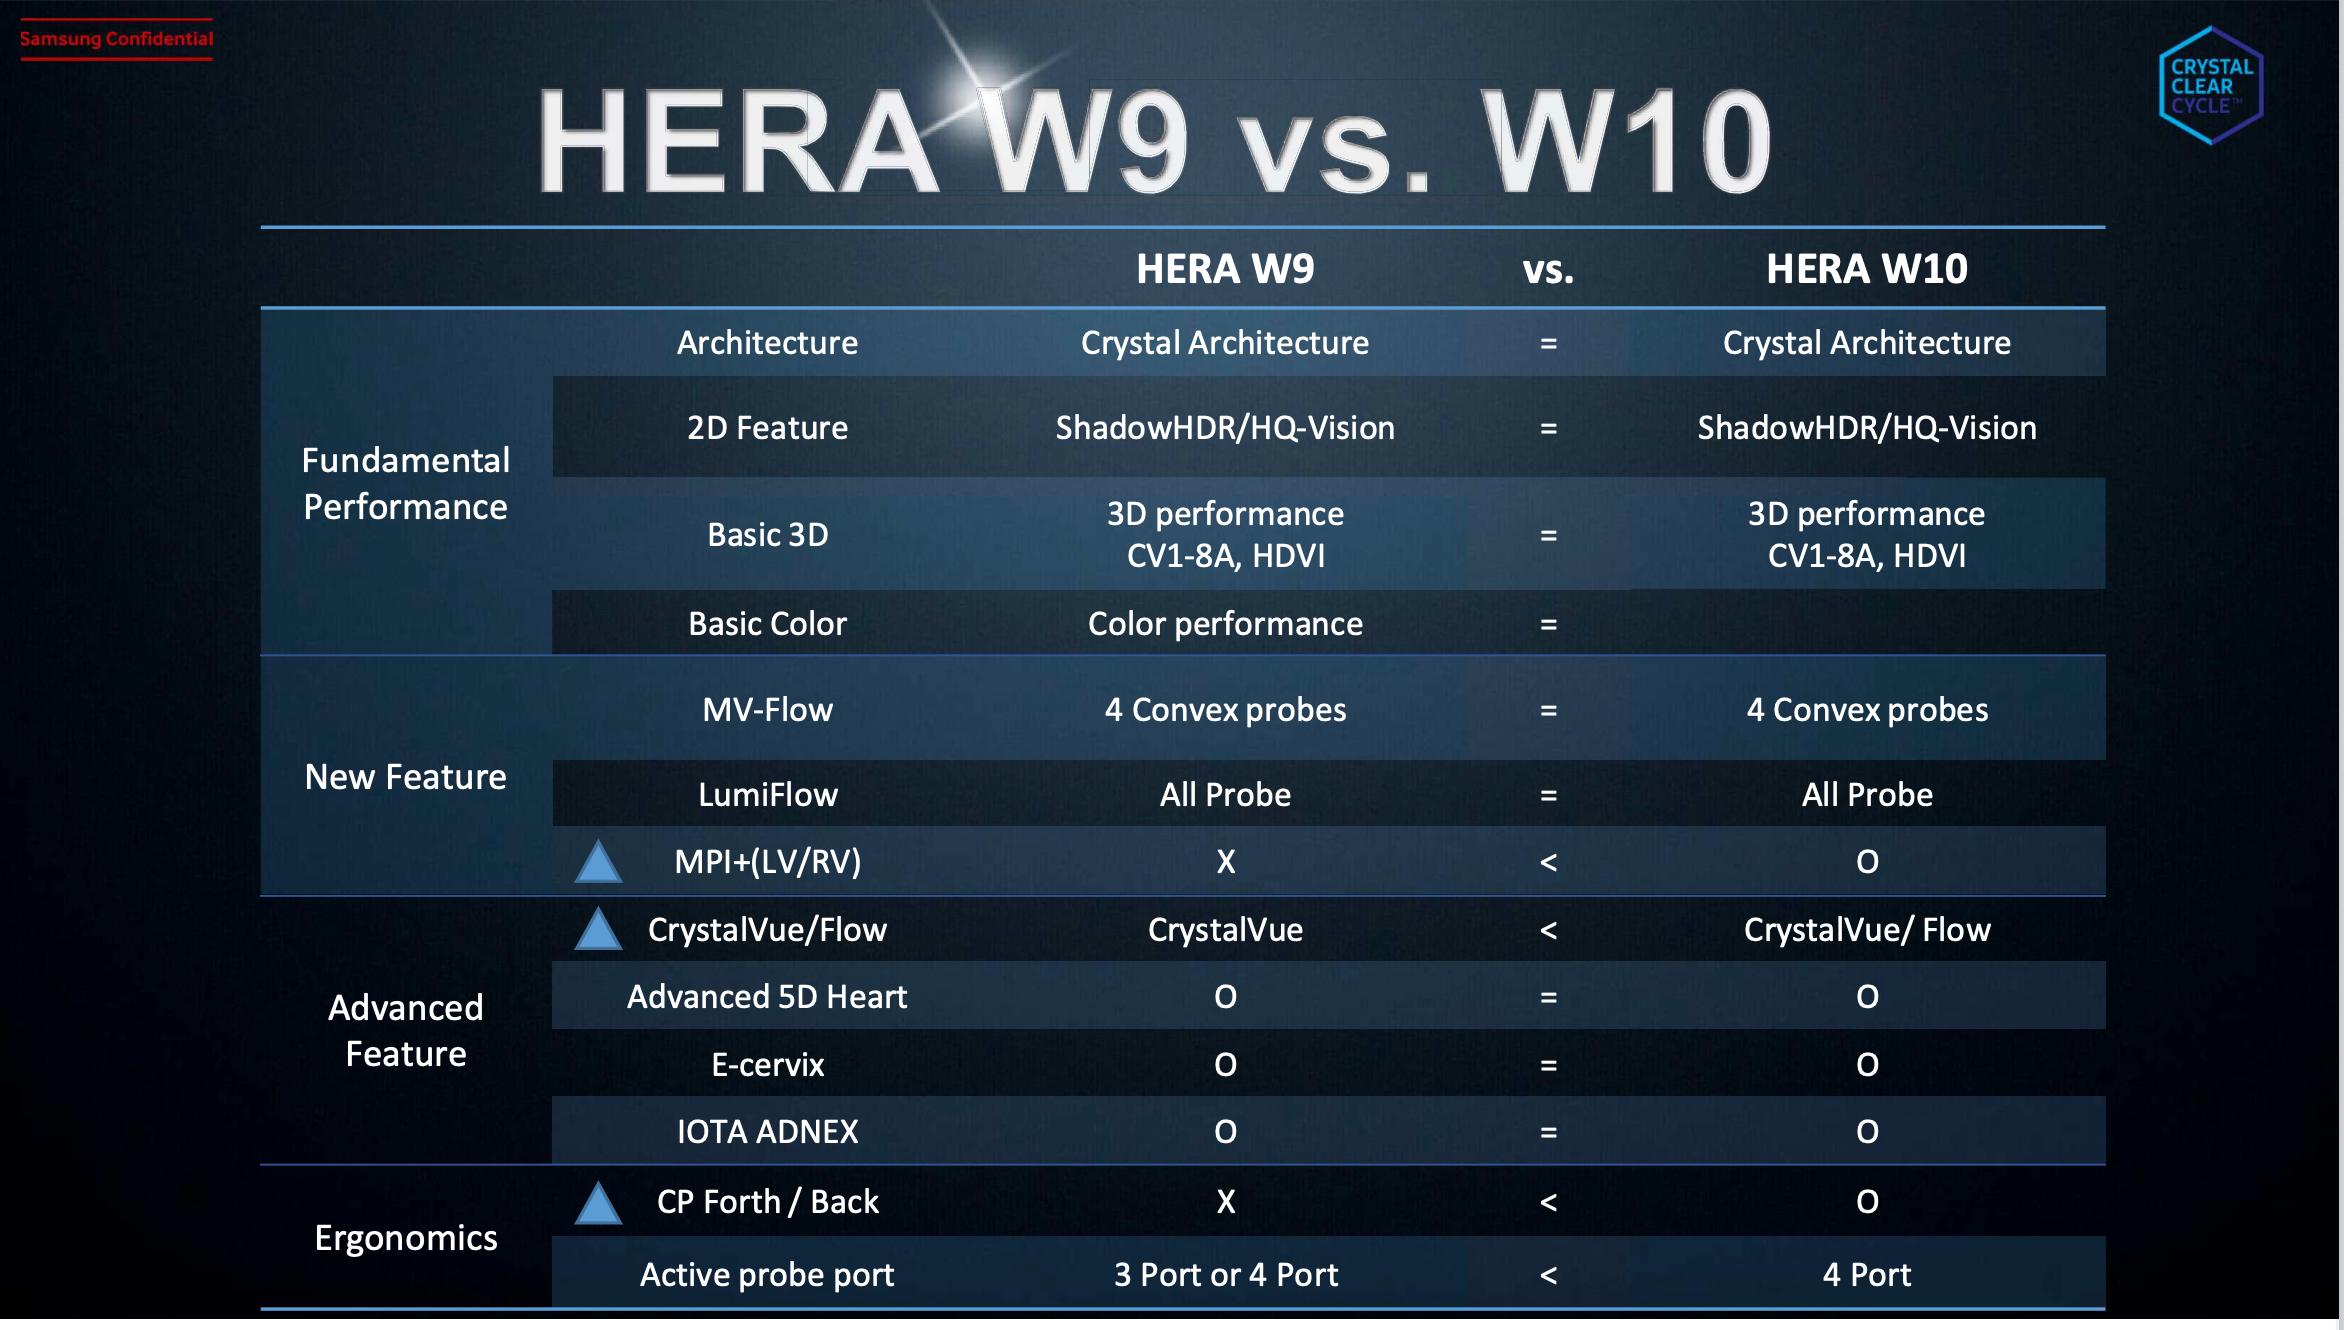 Hier sehen Sie einen Vergleich der beiden Hera W Modelle